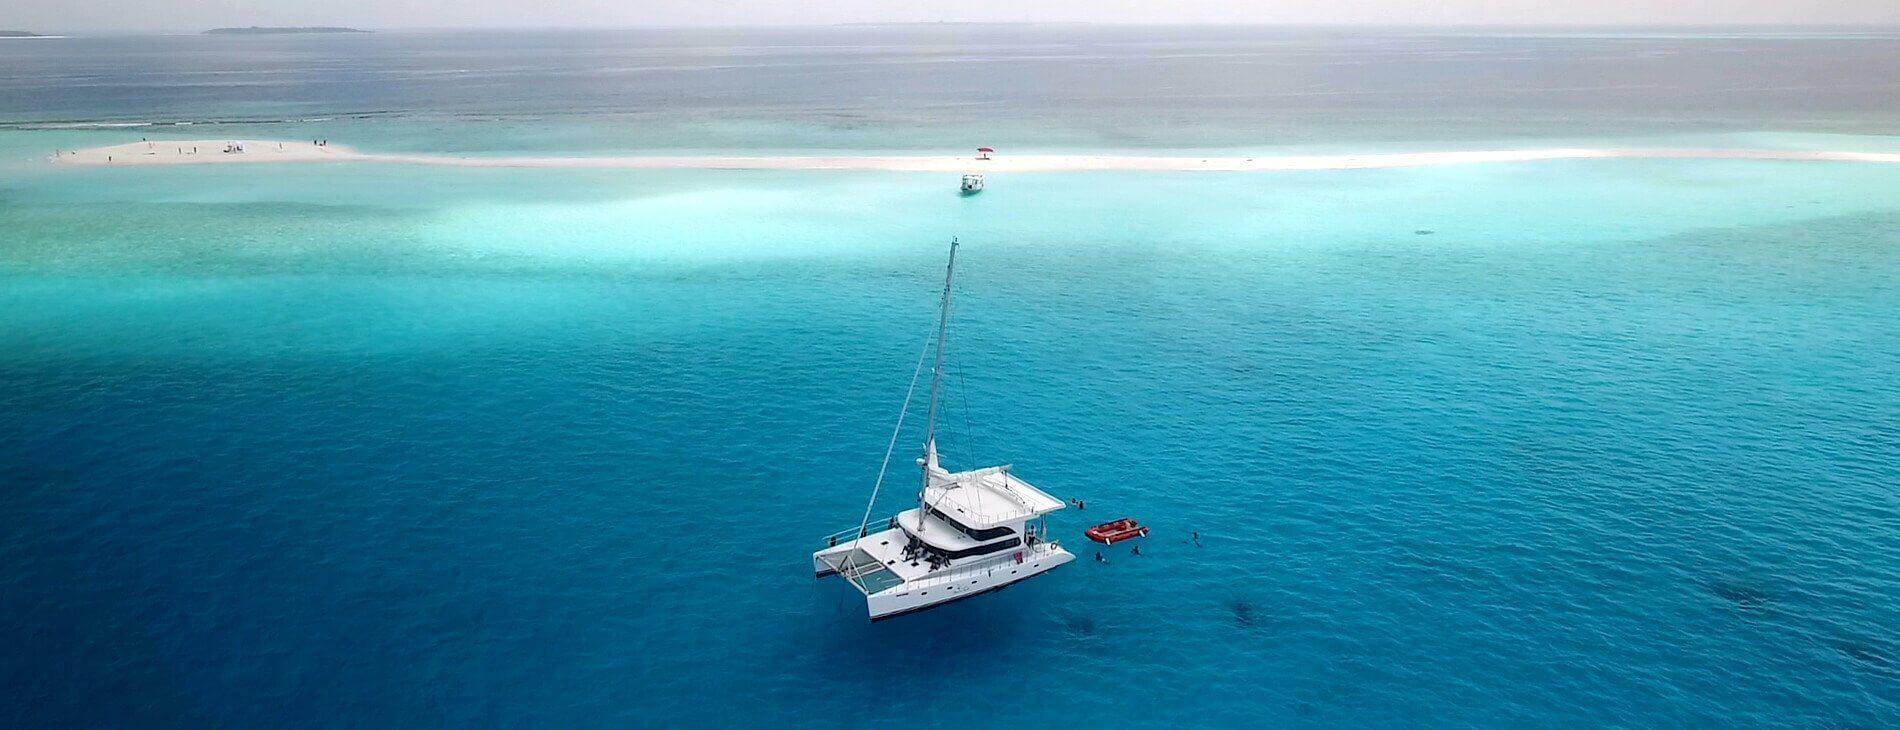 Maldive in Catamarano - Dharavandhoo